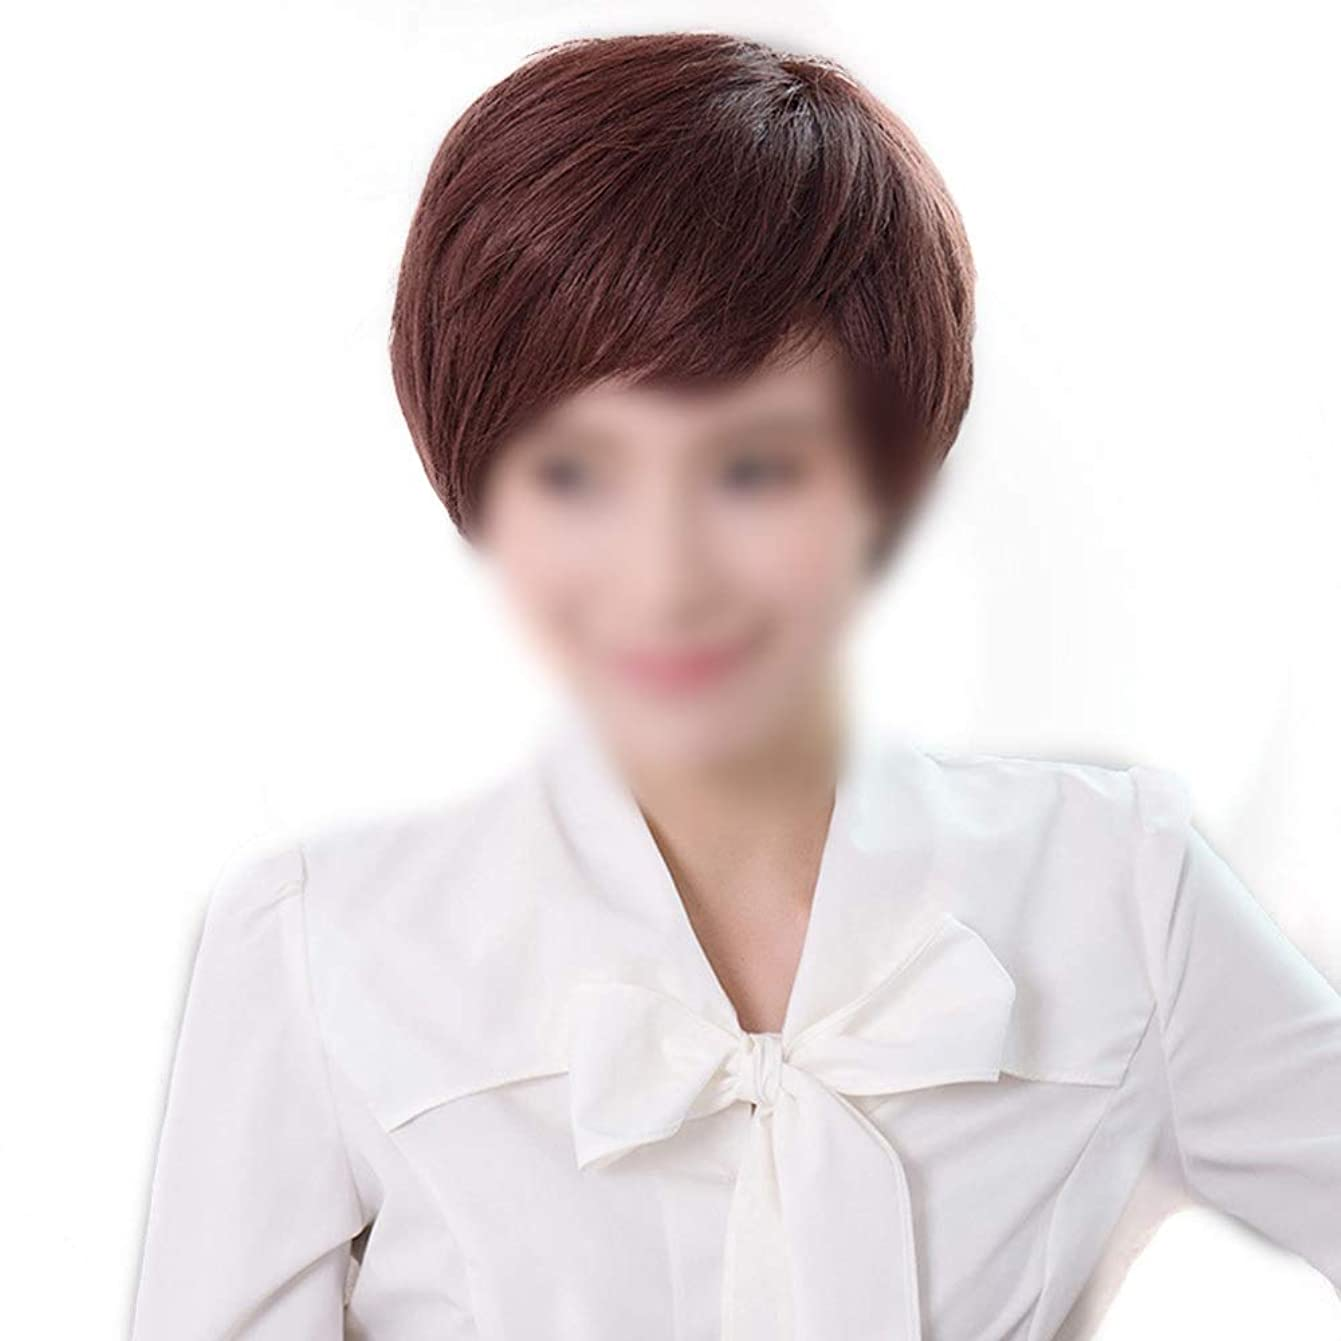 与えるコア自己尊重Yrattary リアルヘア編み耳ショートカーリーヘアふわふわナチュラルファッションウィッグ女性用デイリードレスパーティーウィッグ (Color : Dark brown, サイズ : Hand-woven)